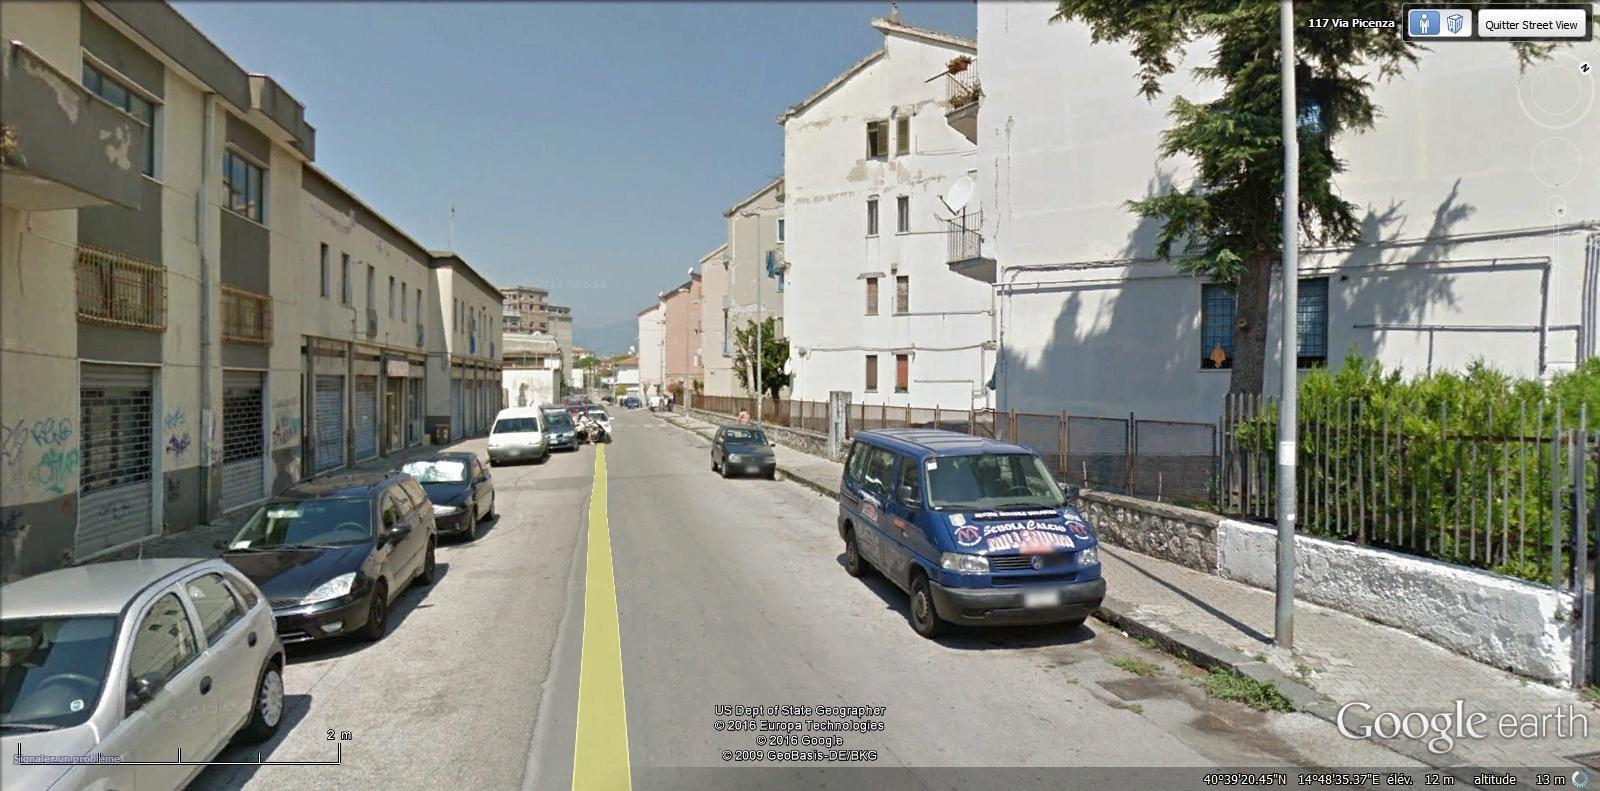 via Picenza